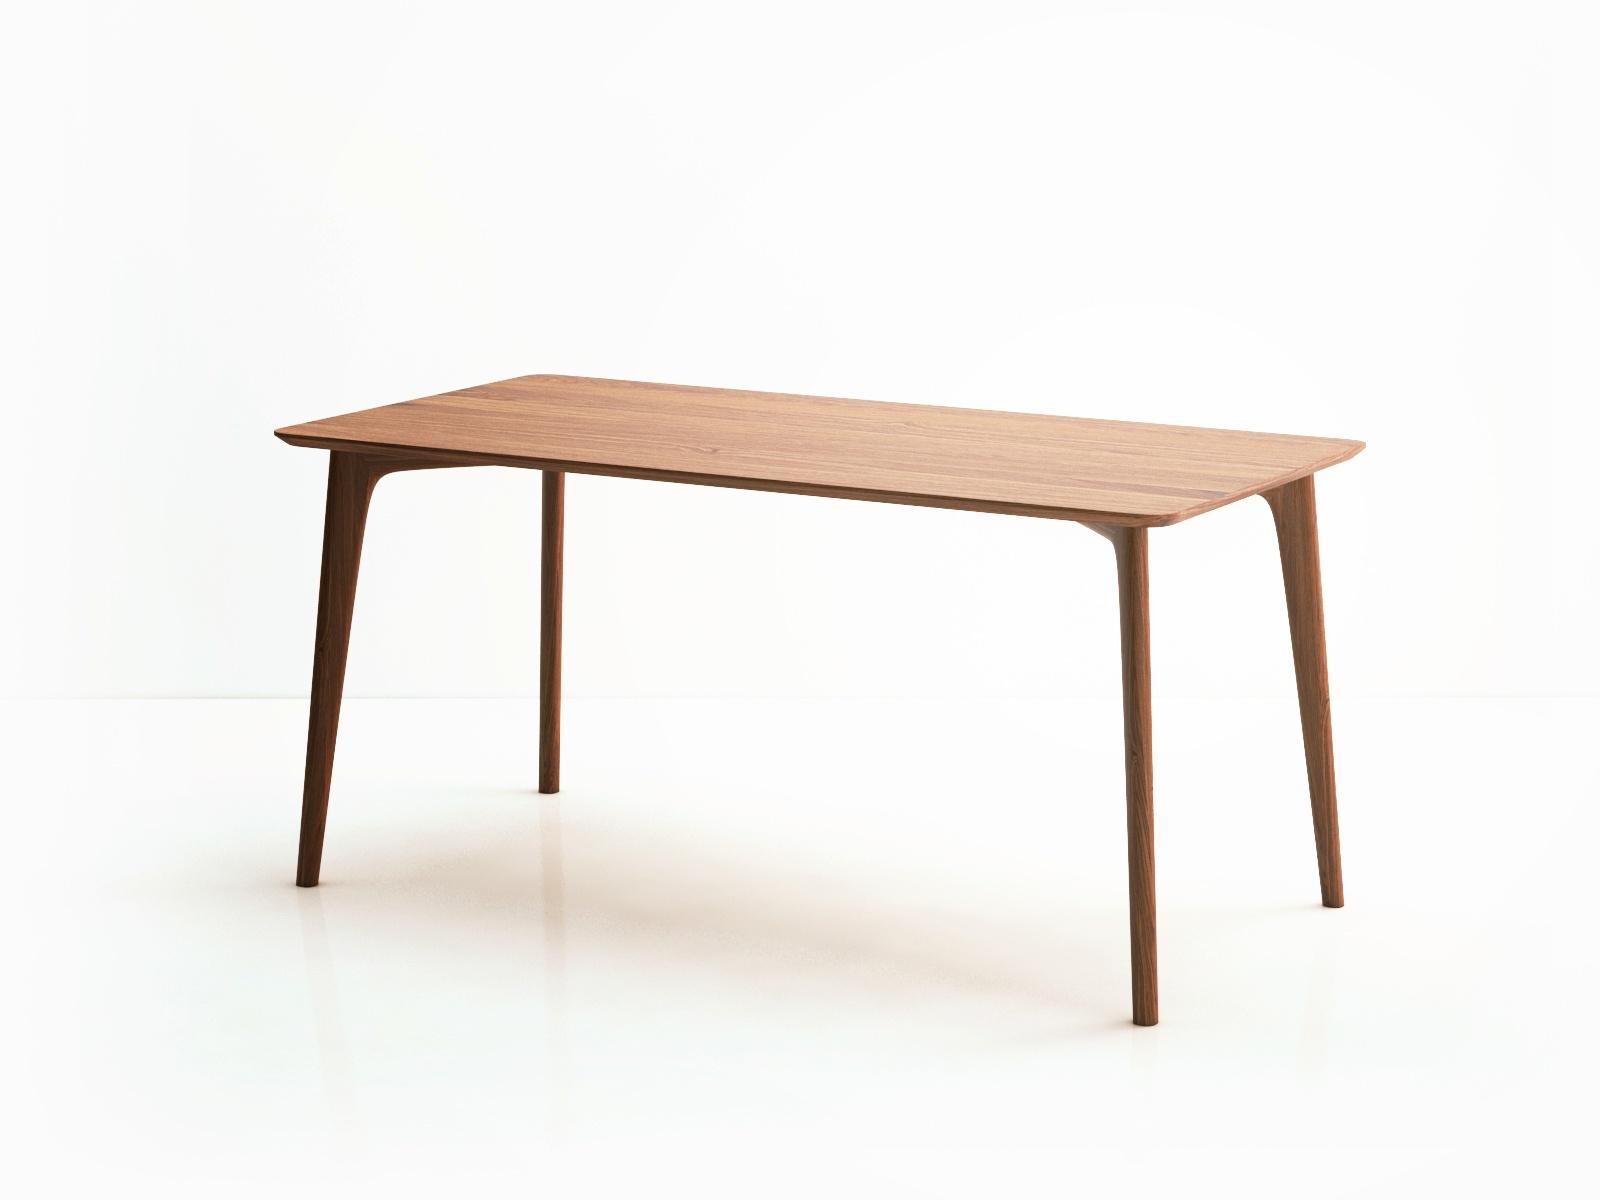 Обеденный стол IGGYОбеденные столы<br>Обеденный стол IGGY- это лаконичный дизайн, изящные, эргономичные формы и благородство фактуры дерева.<br>Ножки выполнены из массива дуба и отвечают за его прочность и устойчивость.<br>Столешница - шпонированный дуб.<br>Размеры стола позволяют комфортно расположится большому количеству людей.<br>Стол IGGY доступен в пяти видах отделки: светлый дуб, темный дуб, дуб венге, беленый дуб, дуб орех.<br><br>Material: Дуб<br>Length см: None<br>Width см: 160<br>Depth см: 75<br>Height см: 80<br>Diameter см: None